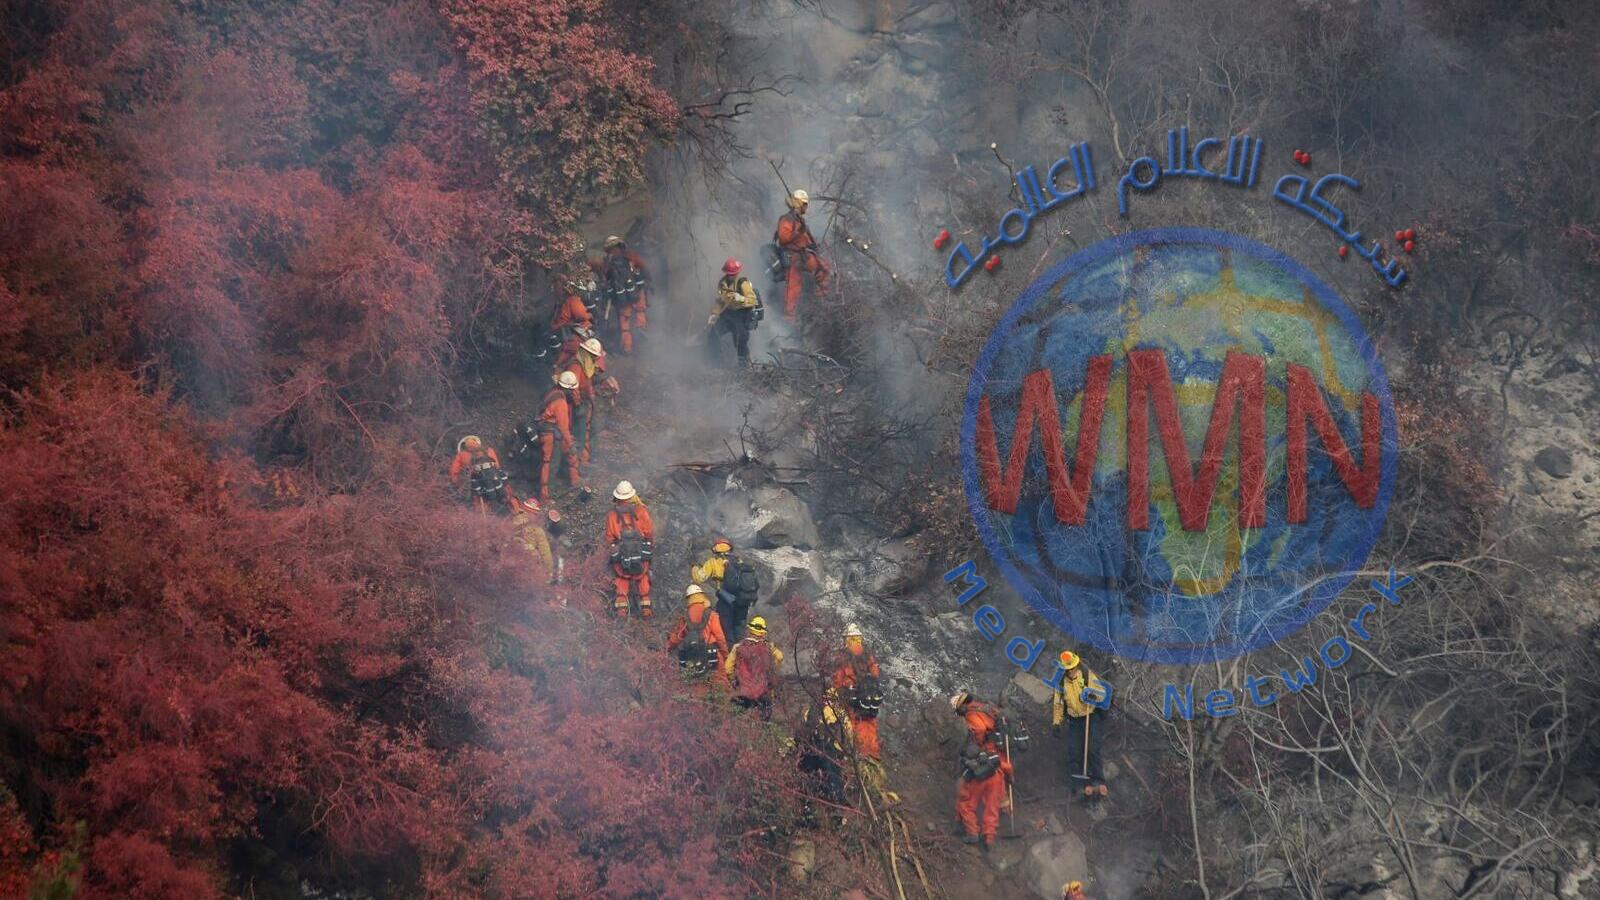 نحو 600 رجل إطفاء يكافحون حريقا في كاليفورنيا